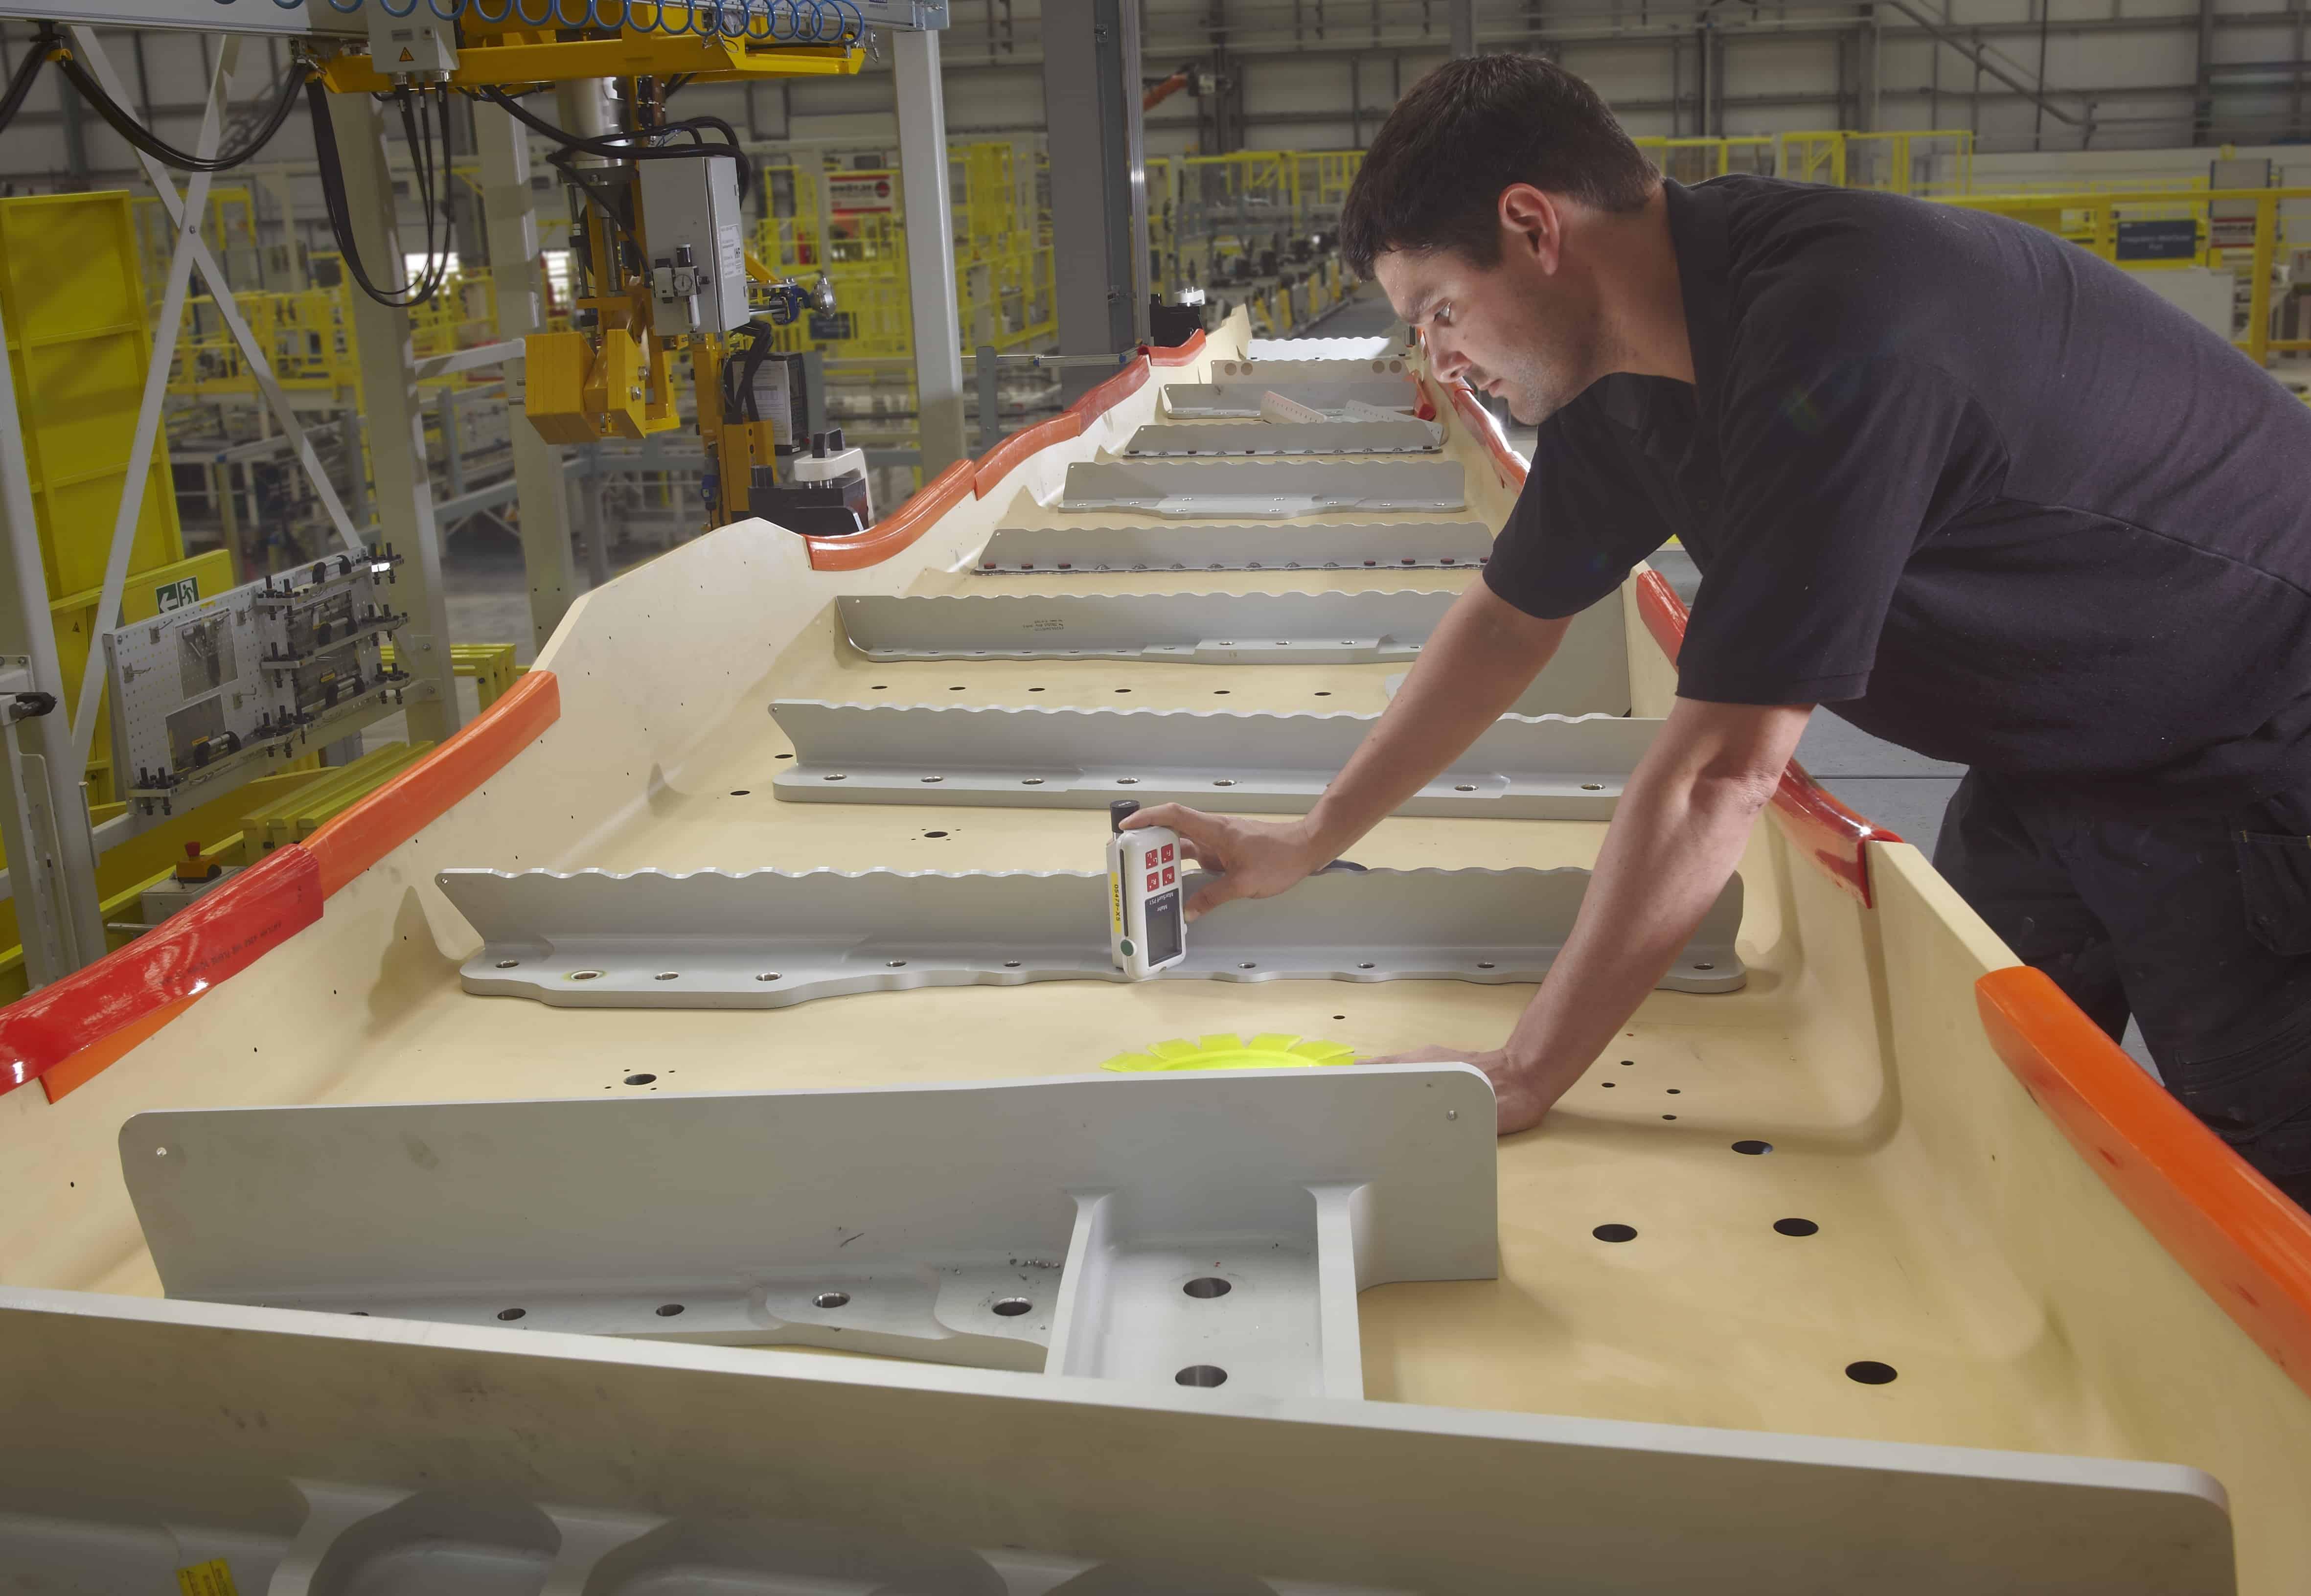 Inspecting the composite rear spar: the component has a complex 3D shape.